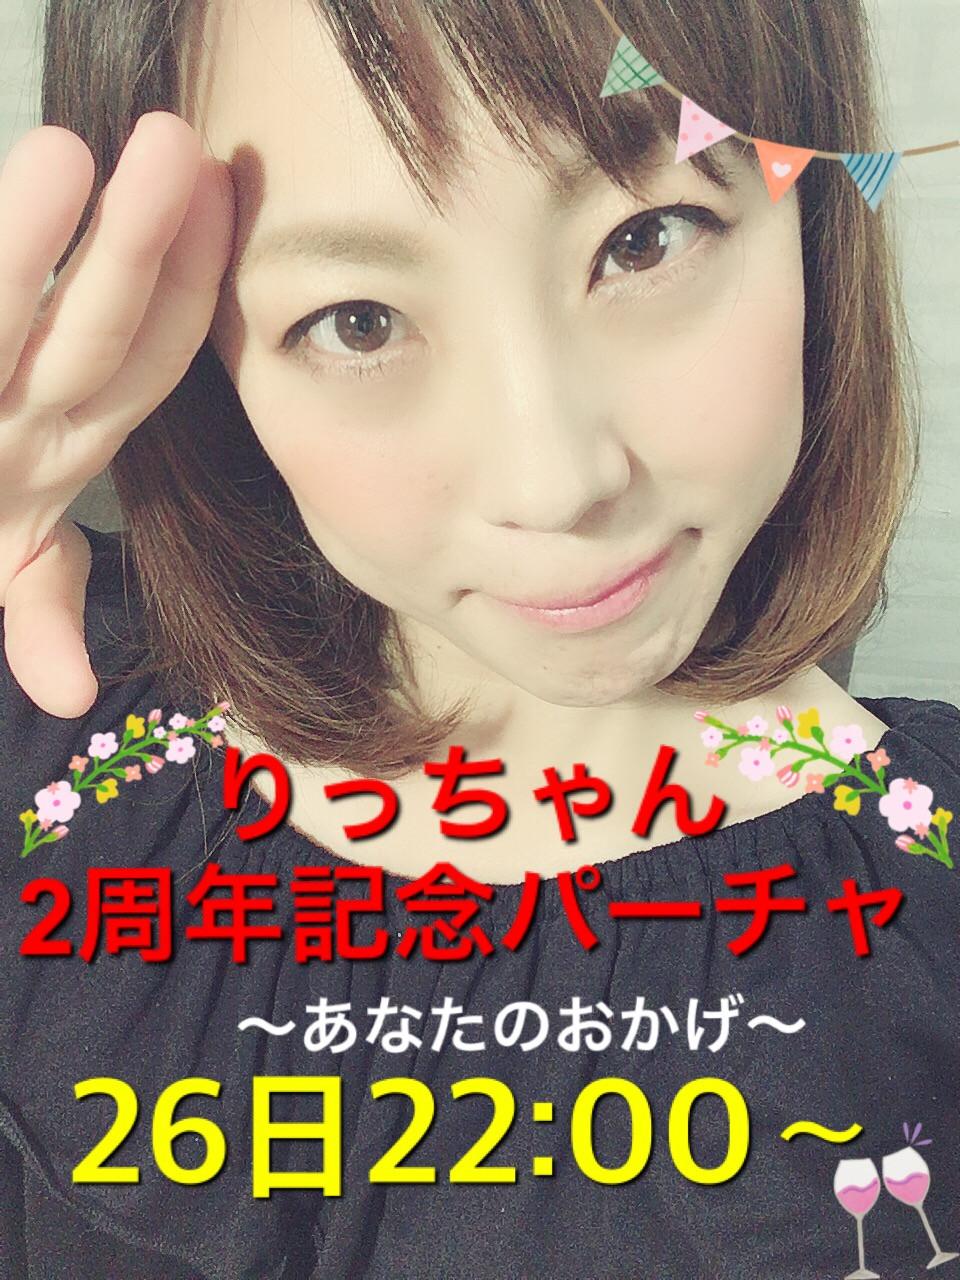 5/26(土) 22時 りっちゃん2周年記念~あなたのおかげ~